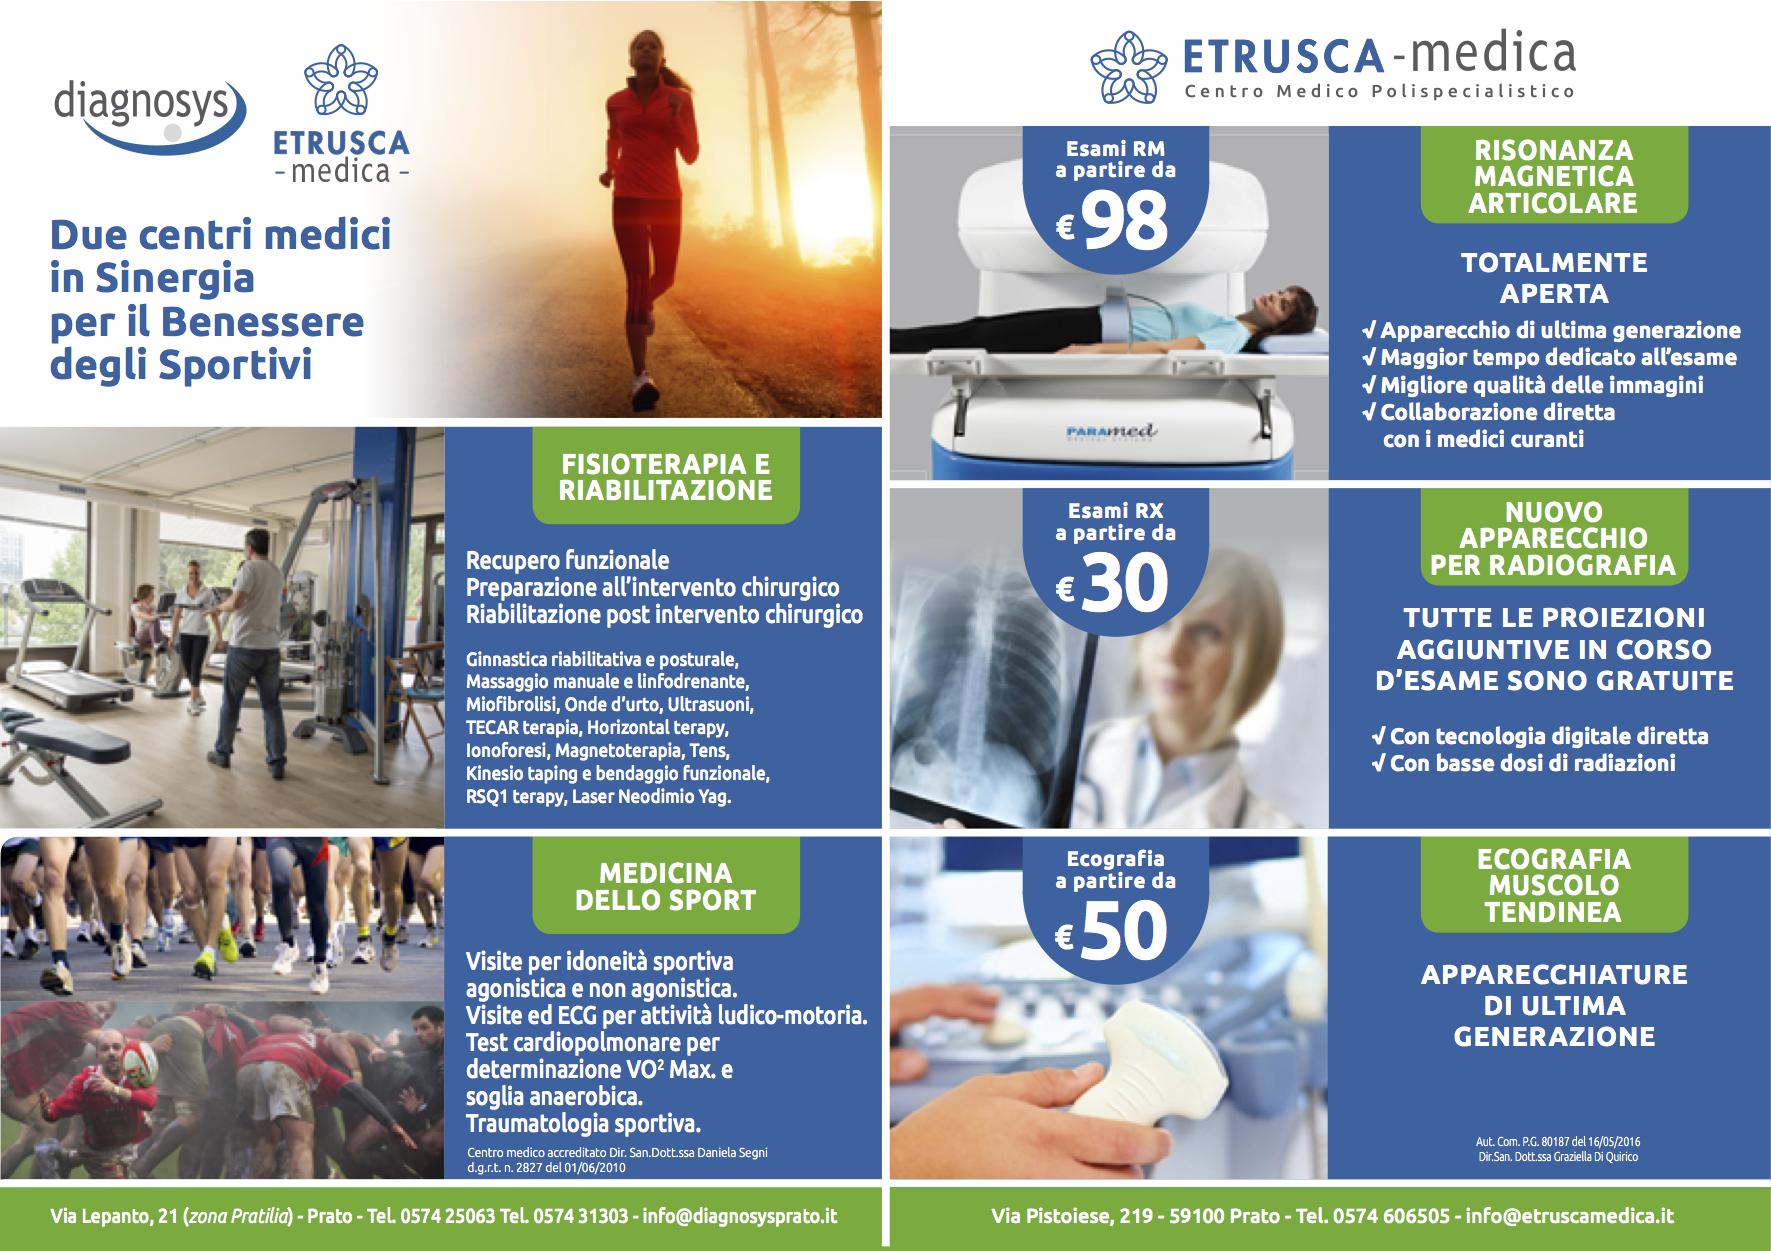 Benessere degli Sportivi diagnosys etrusca medica